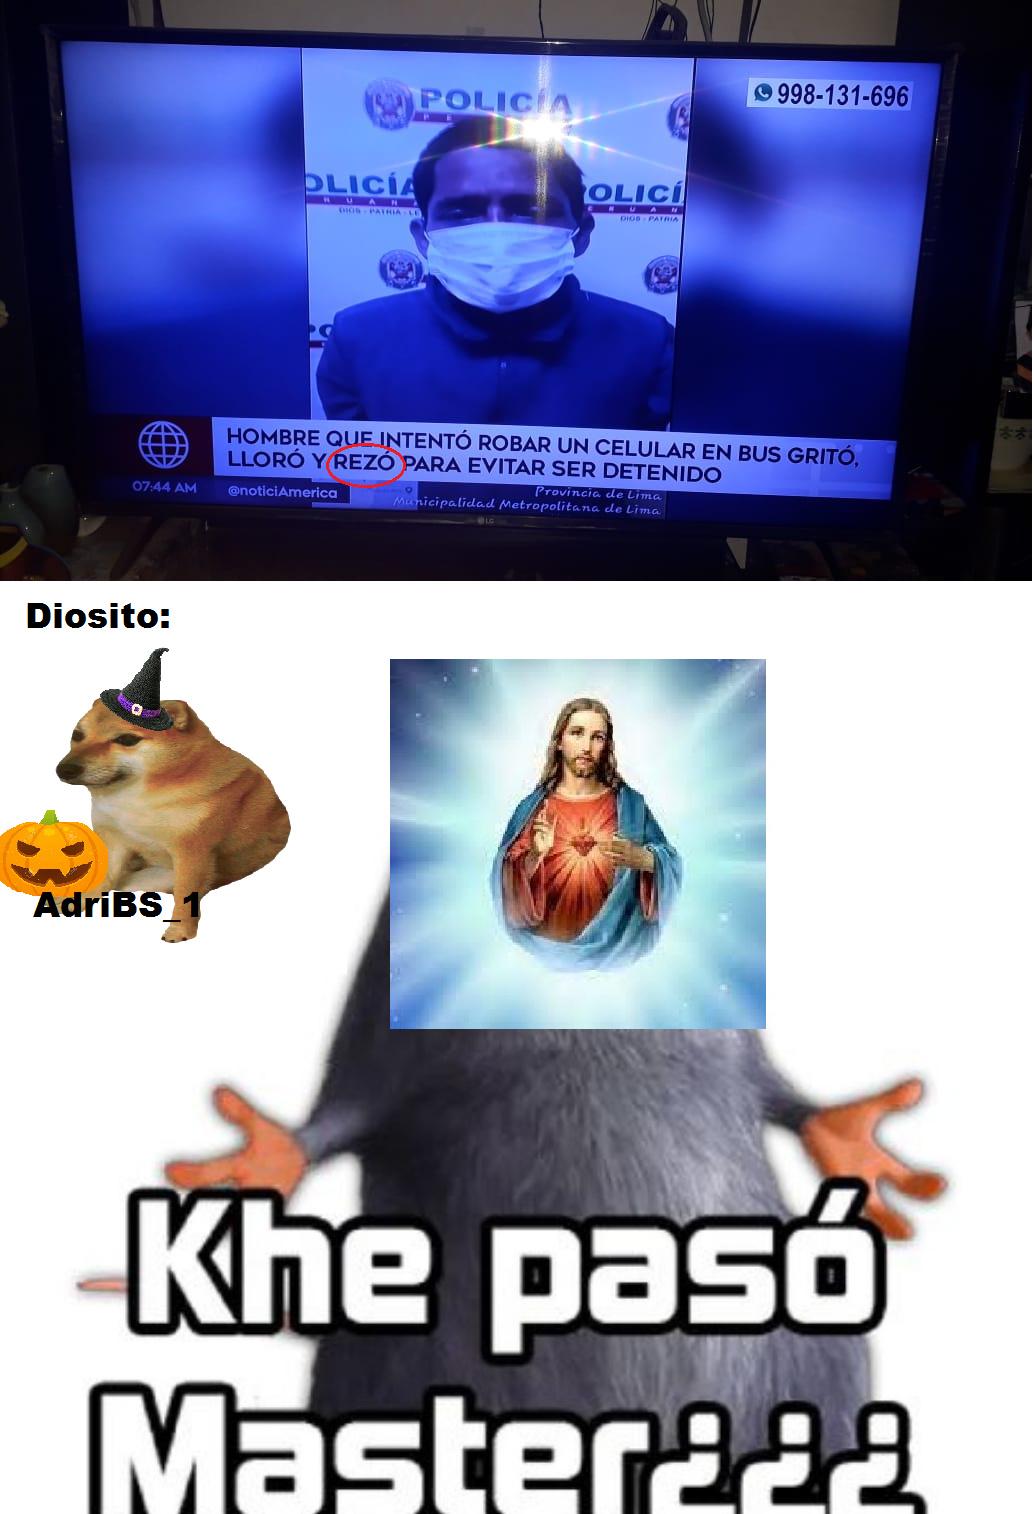 Por si c preguntan es una noticia de mi país (Perú) - meme